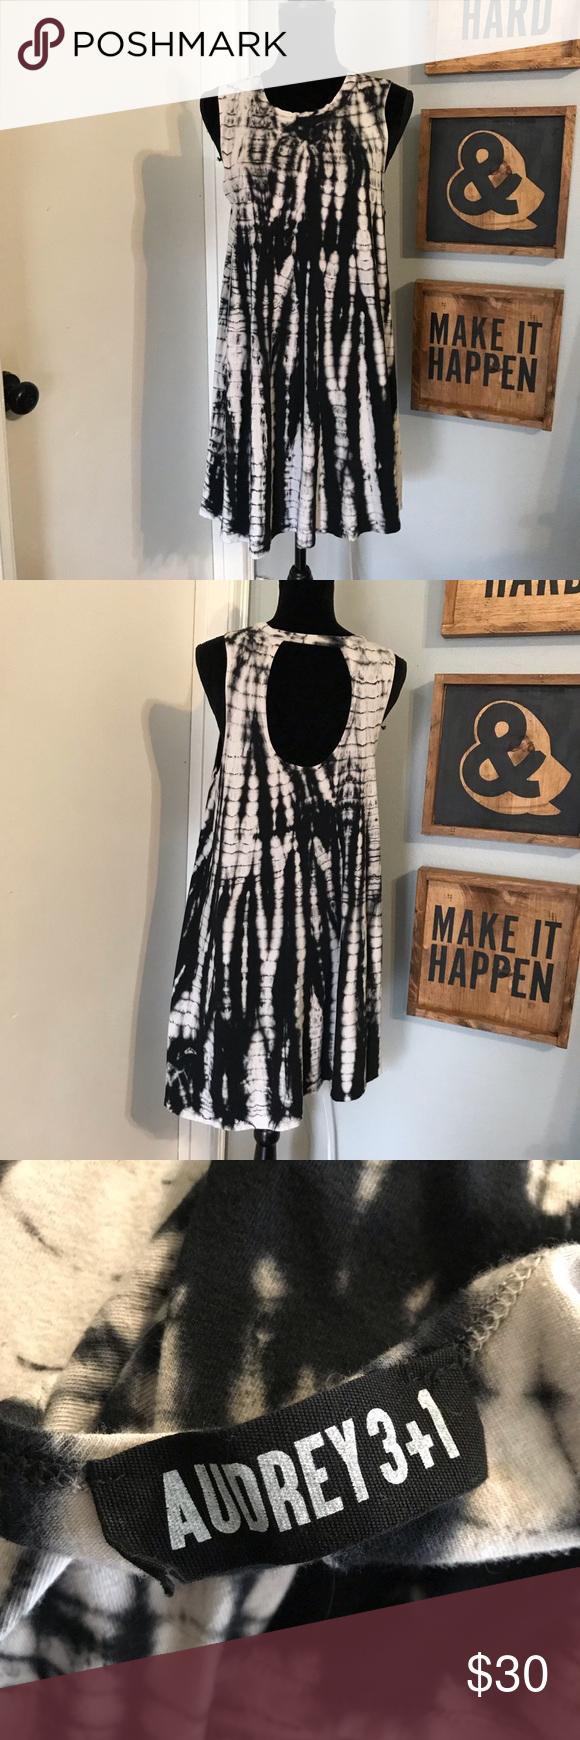 45+ Audrey 3 1 tie dye dress ideas in 2021